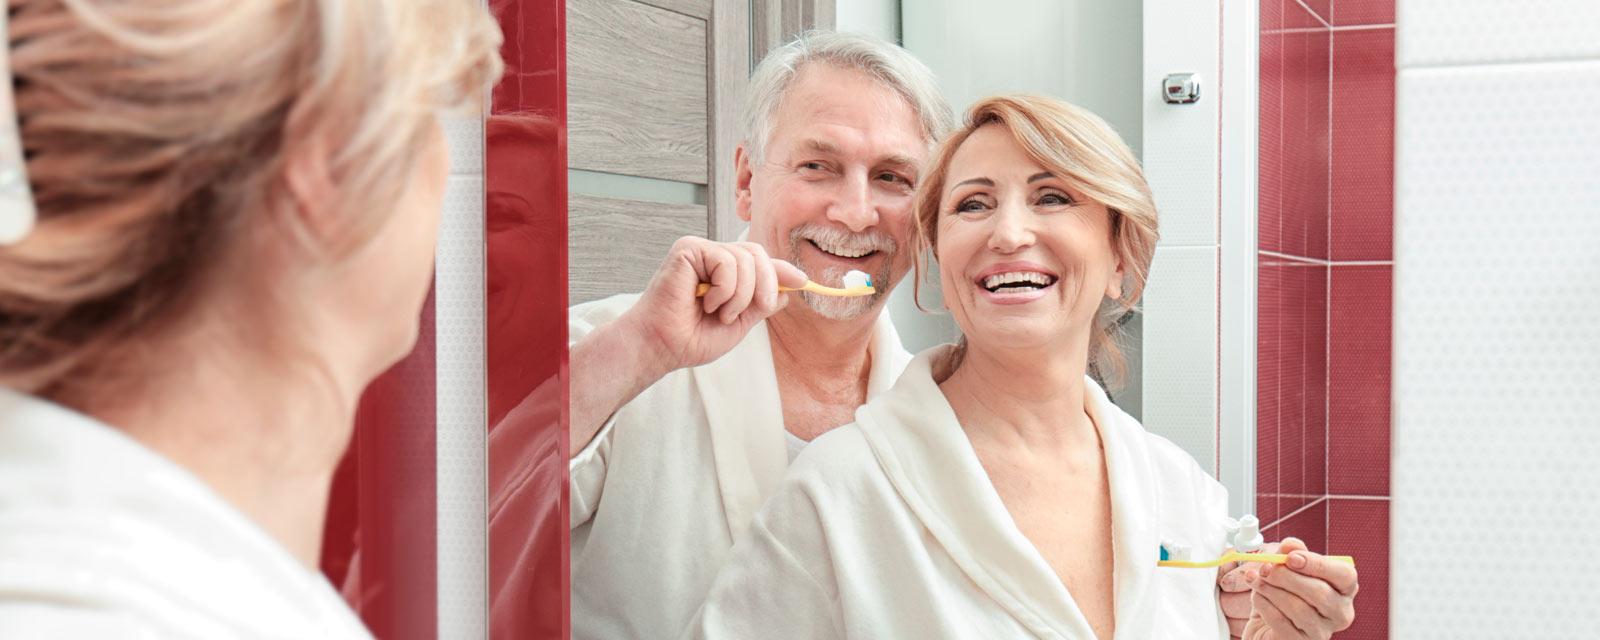 S curit seniors salle de bain guide artisan Salle de bain artisan